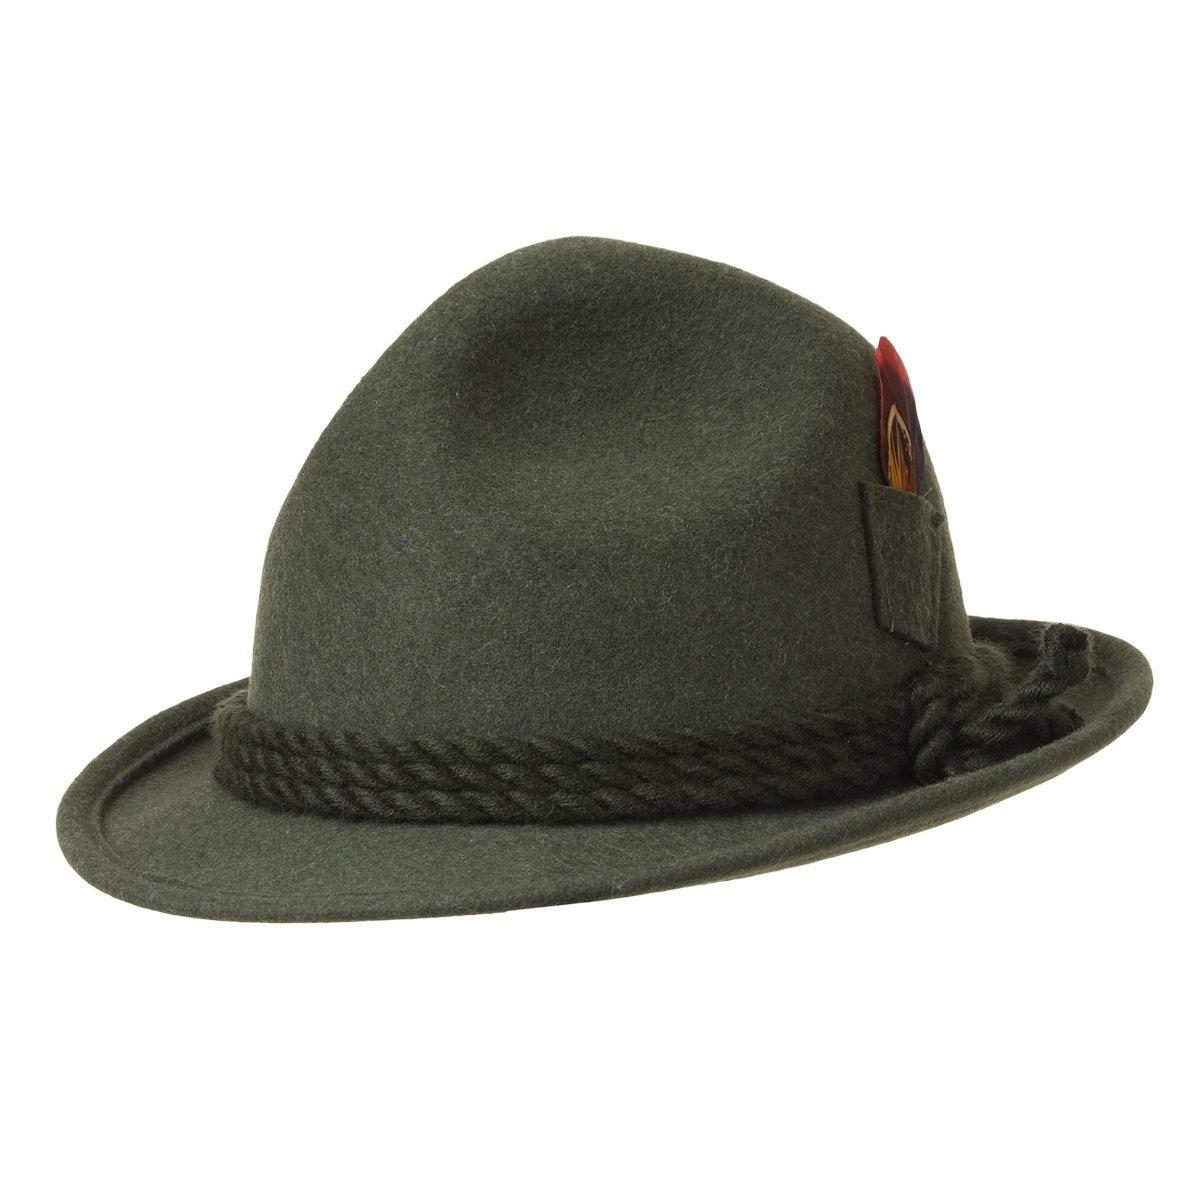 Cappello tirolese con taschino laterale per piume firmato Hutter ... 891096eb9d29